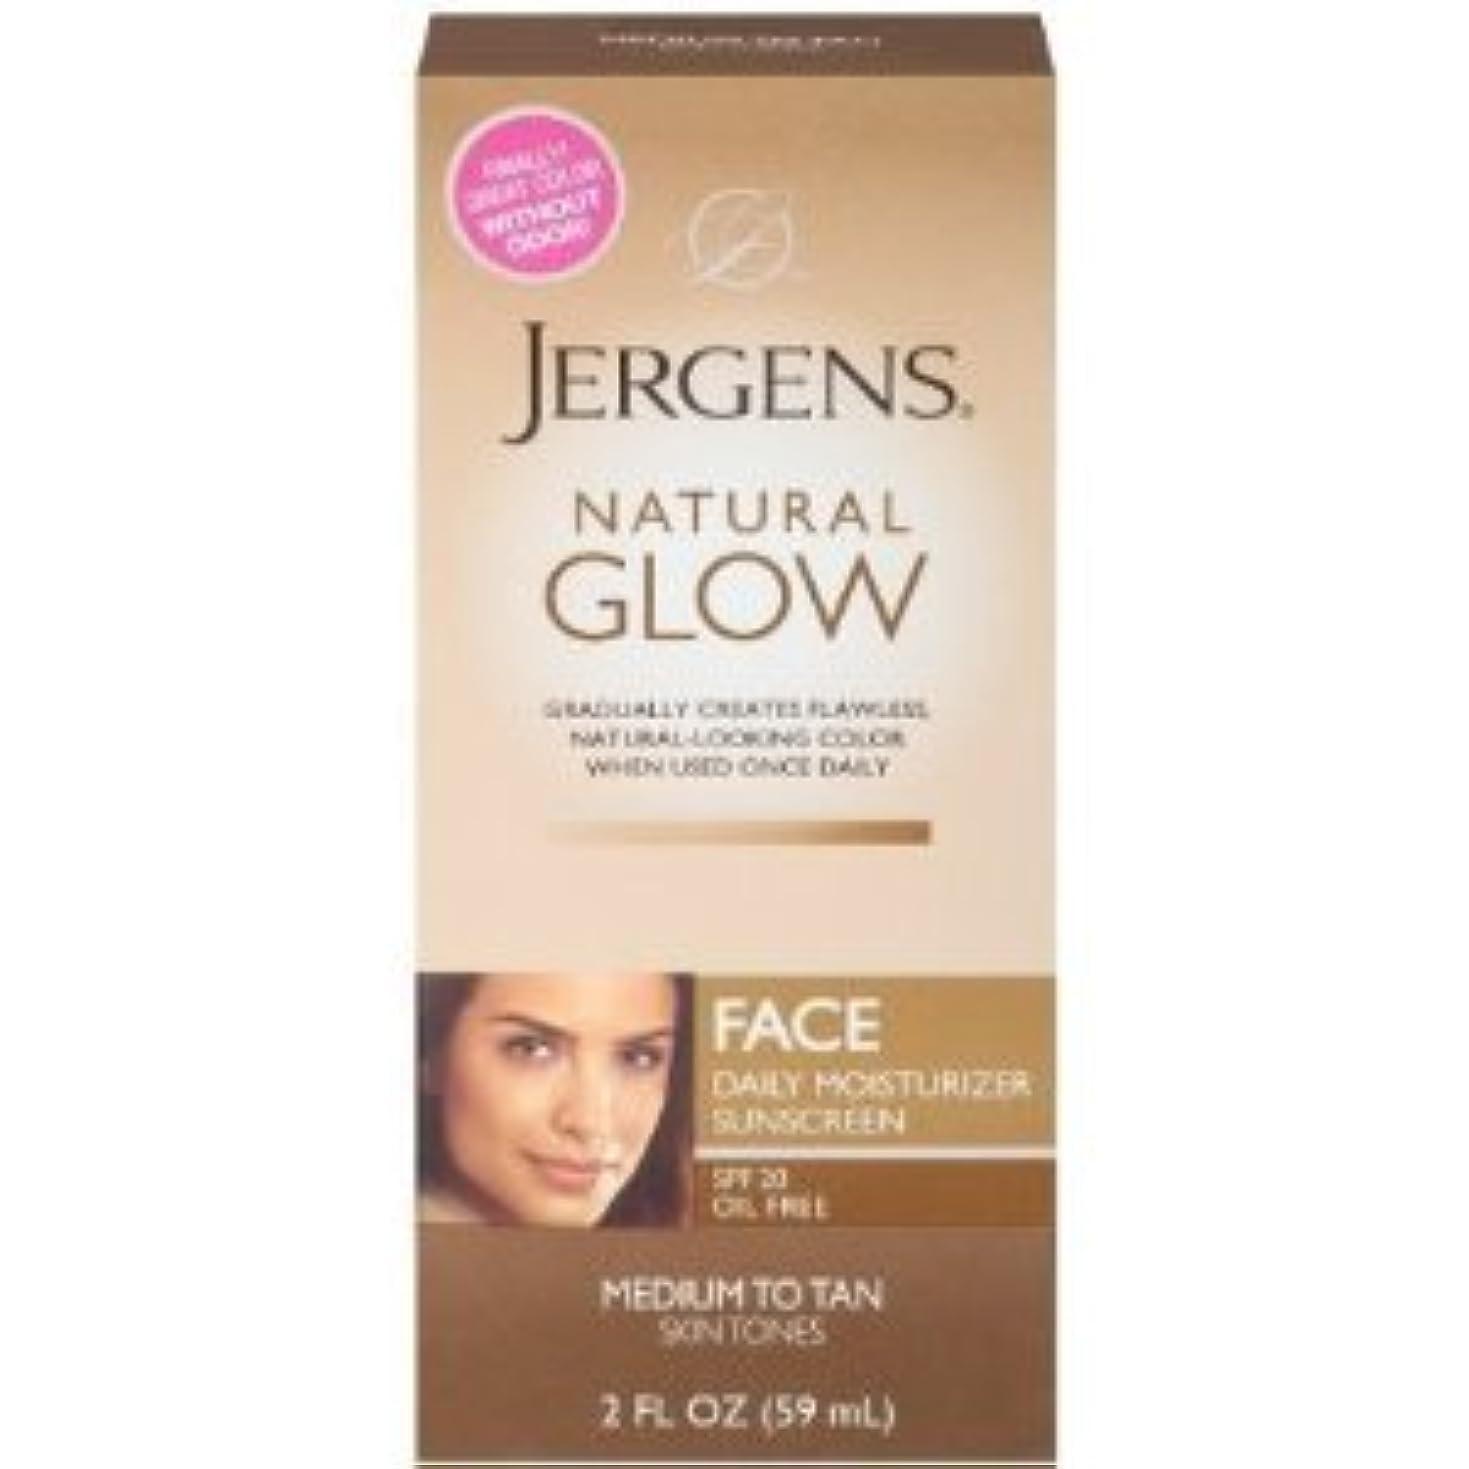 レスリング消費する熱狂的なNatural Glow Healthy Complexion Daily Facial Moisturizer, SPF 20, Medium to Tan, (59ml) (海外直送品)